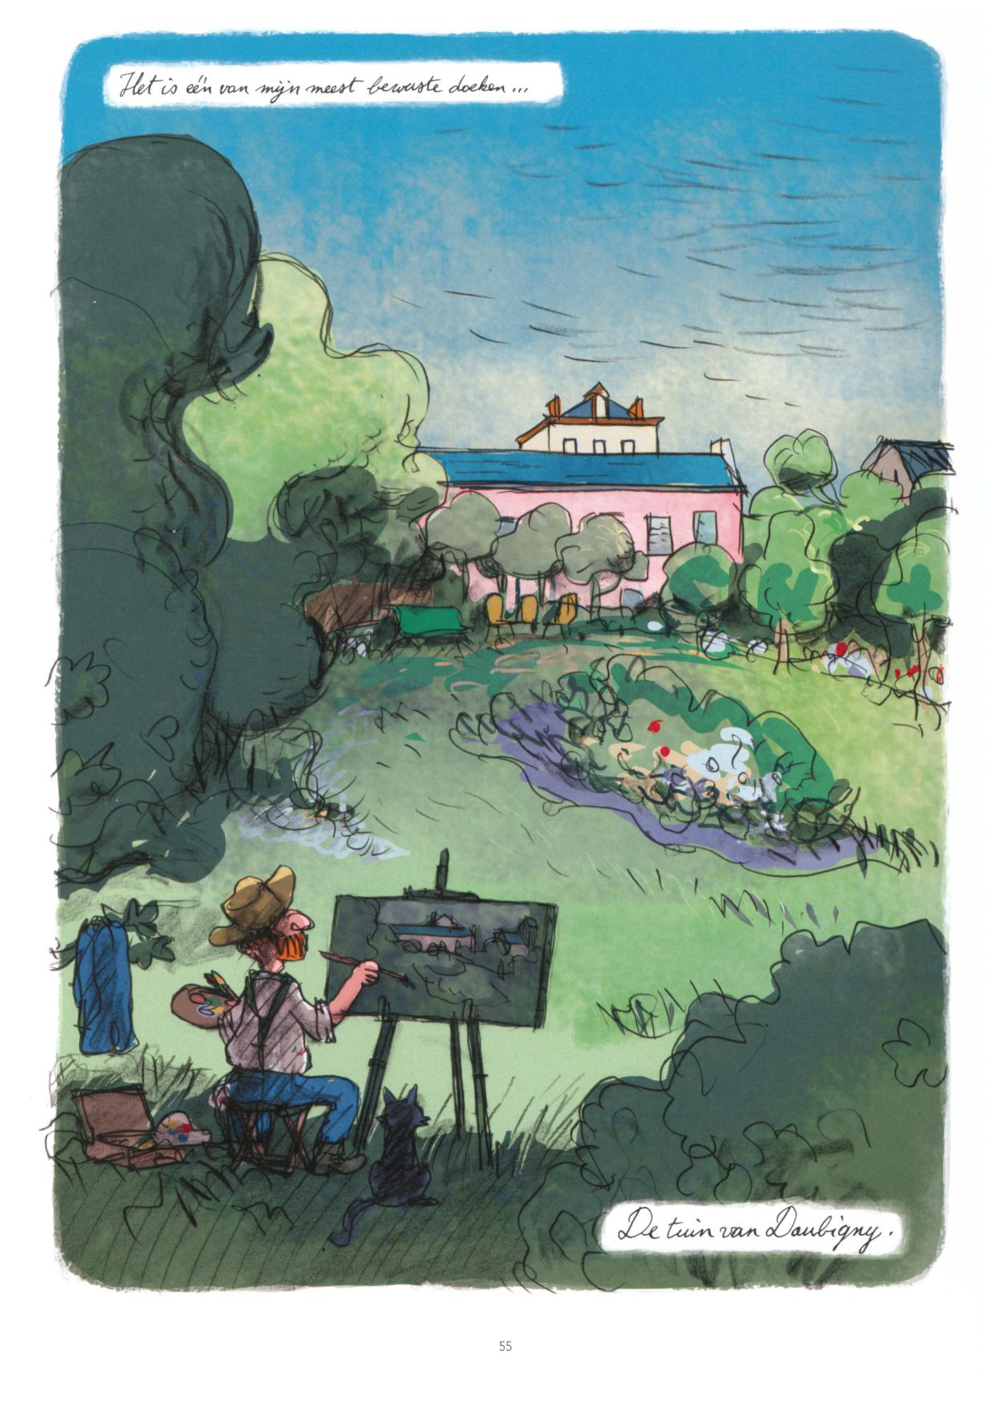 Hoe Luc Cromheecke Van Gogh ziet schilderen in Daubigny's tuin